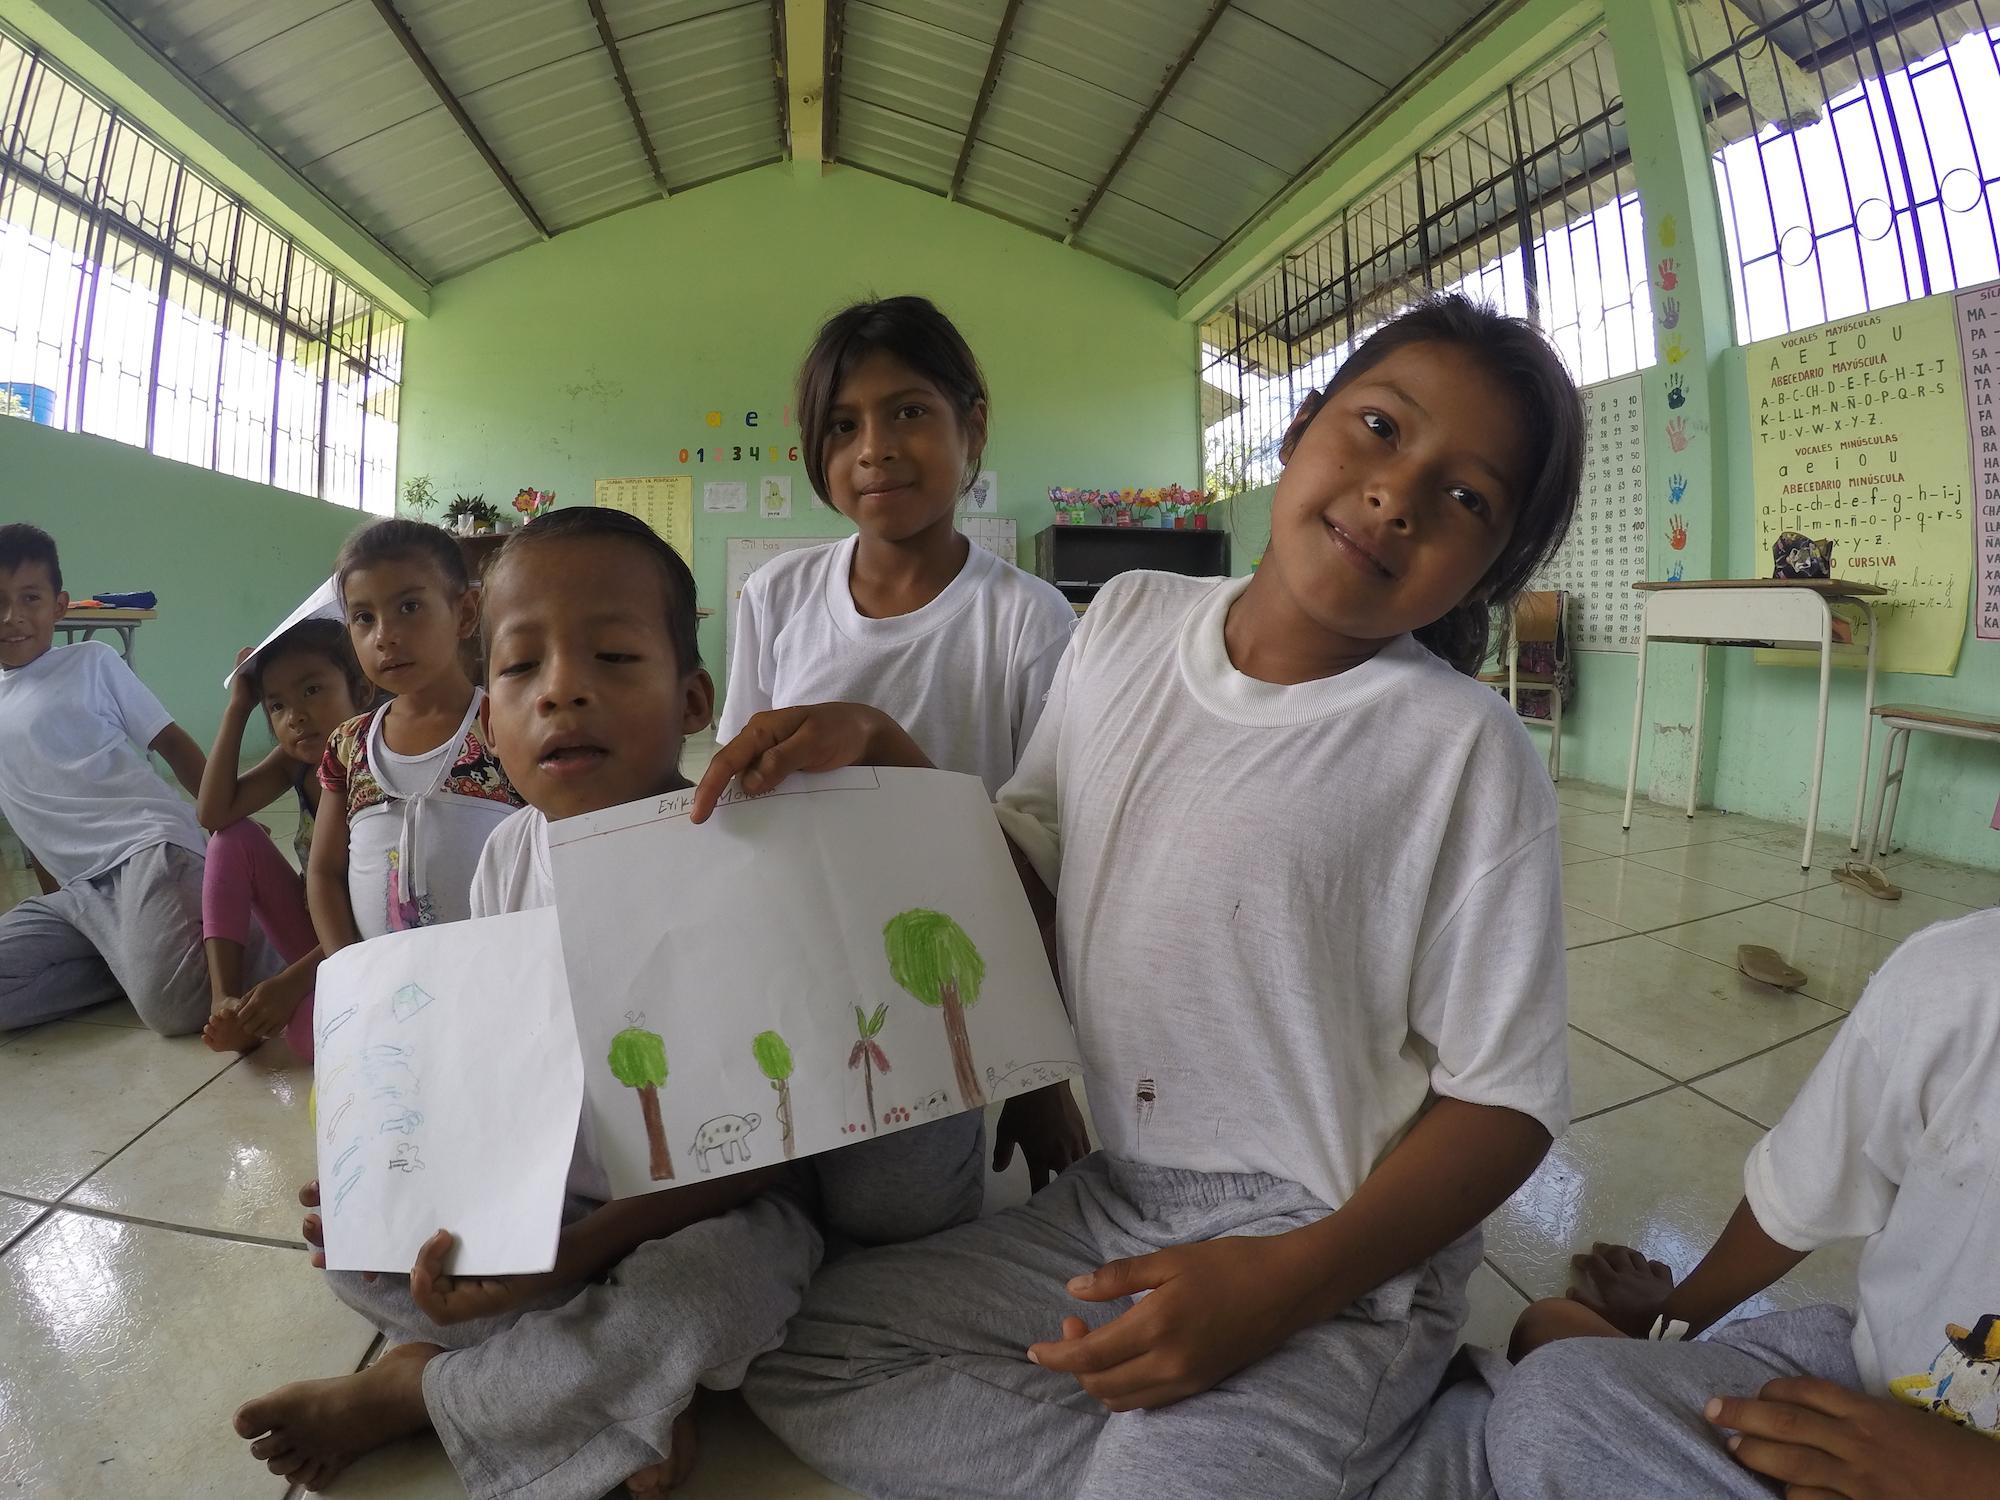 Los niños conocen la biodiversidad de sus bosques porque salen a recolectar y cazar con sus padres y abuelos. Foto: WWF Ecuador.